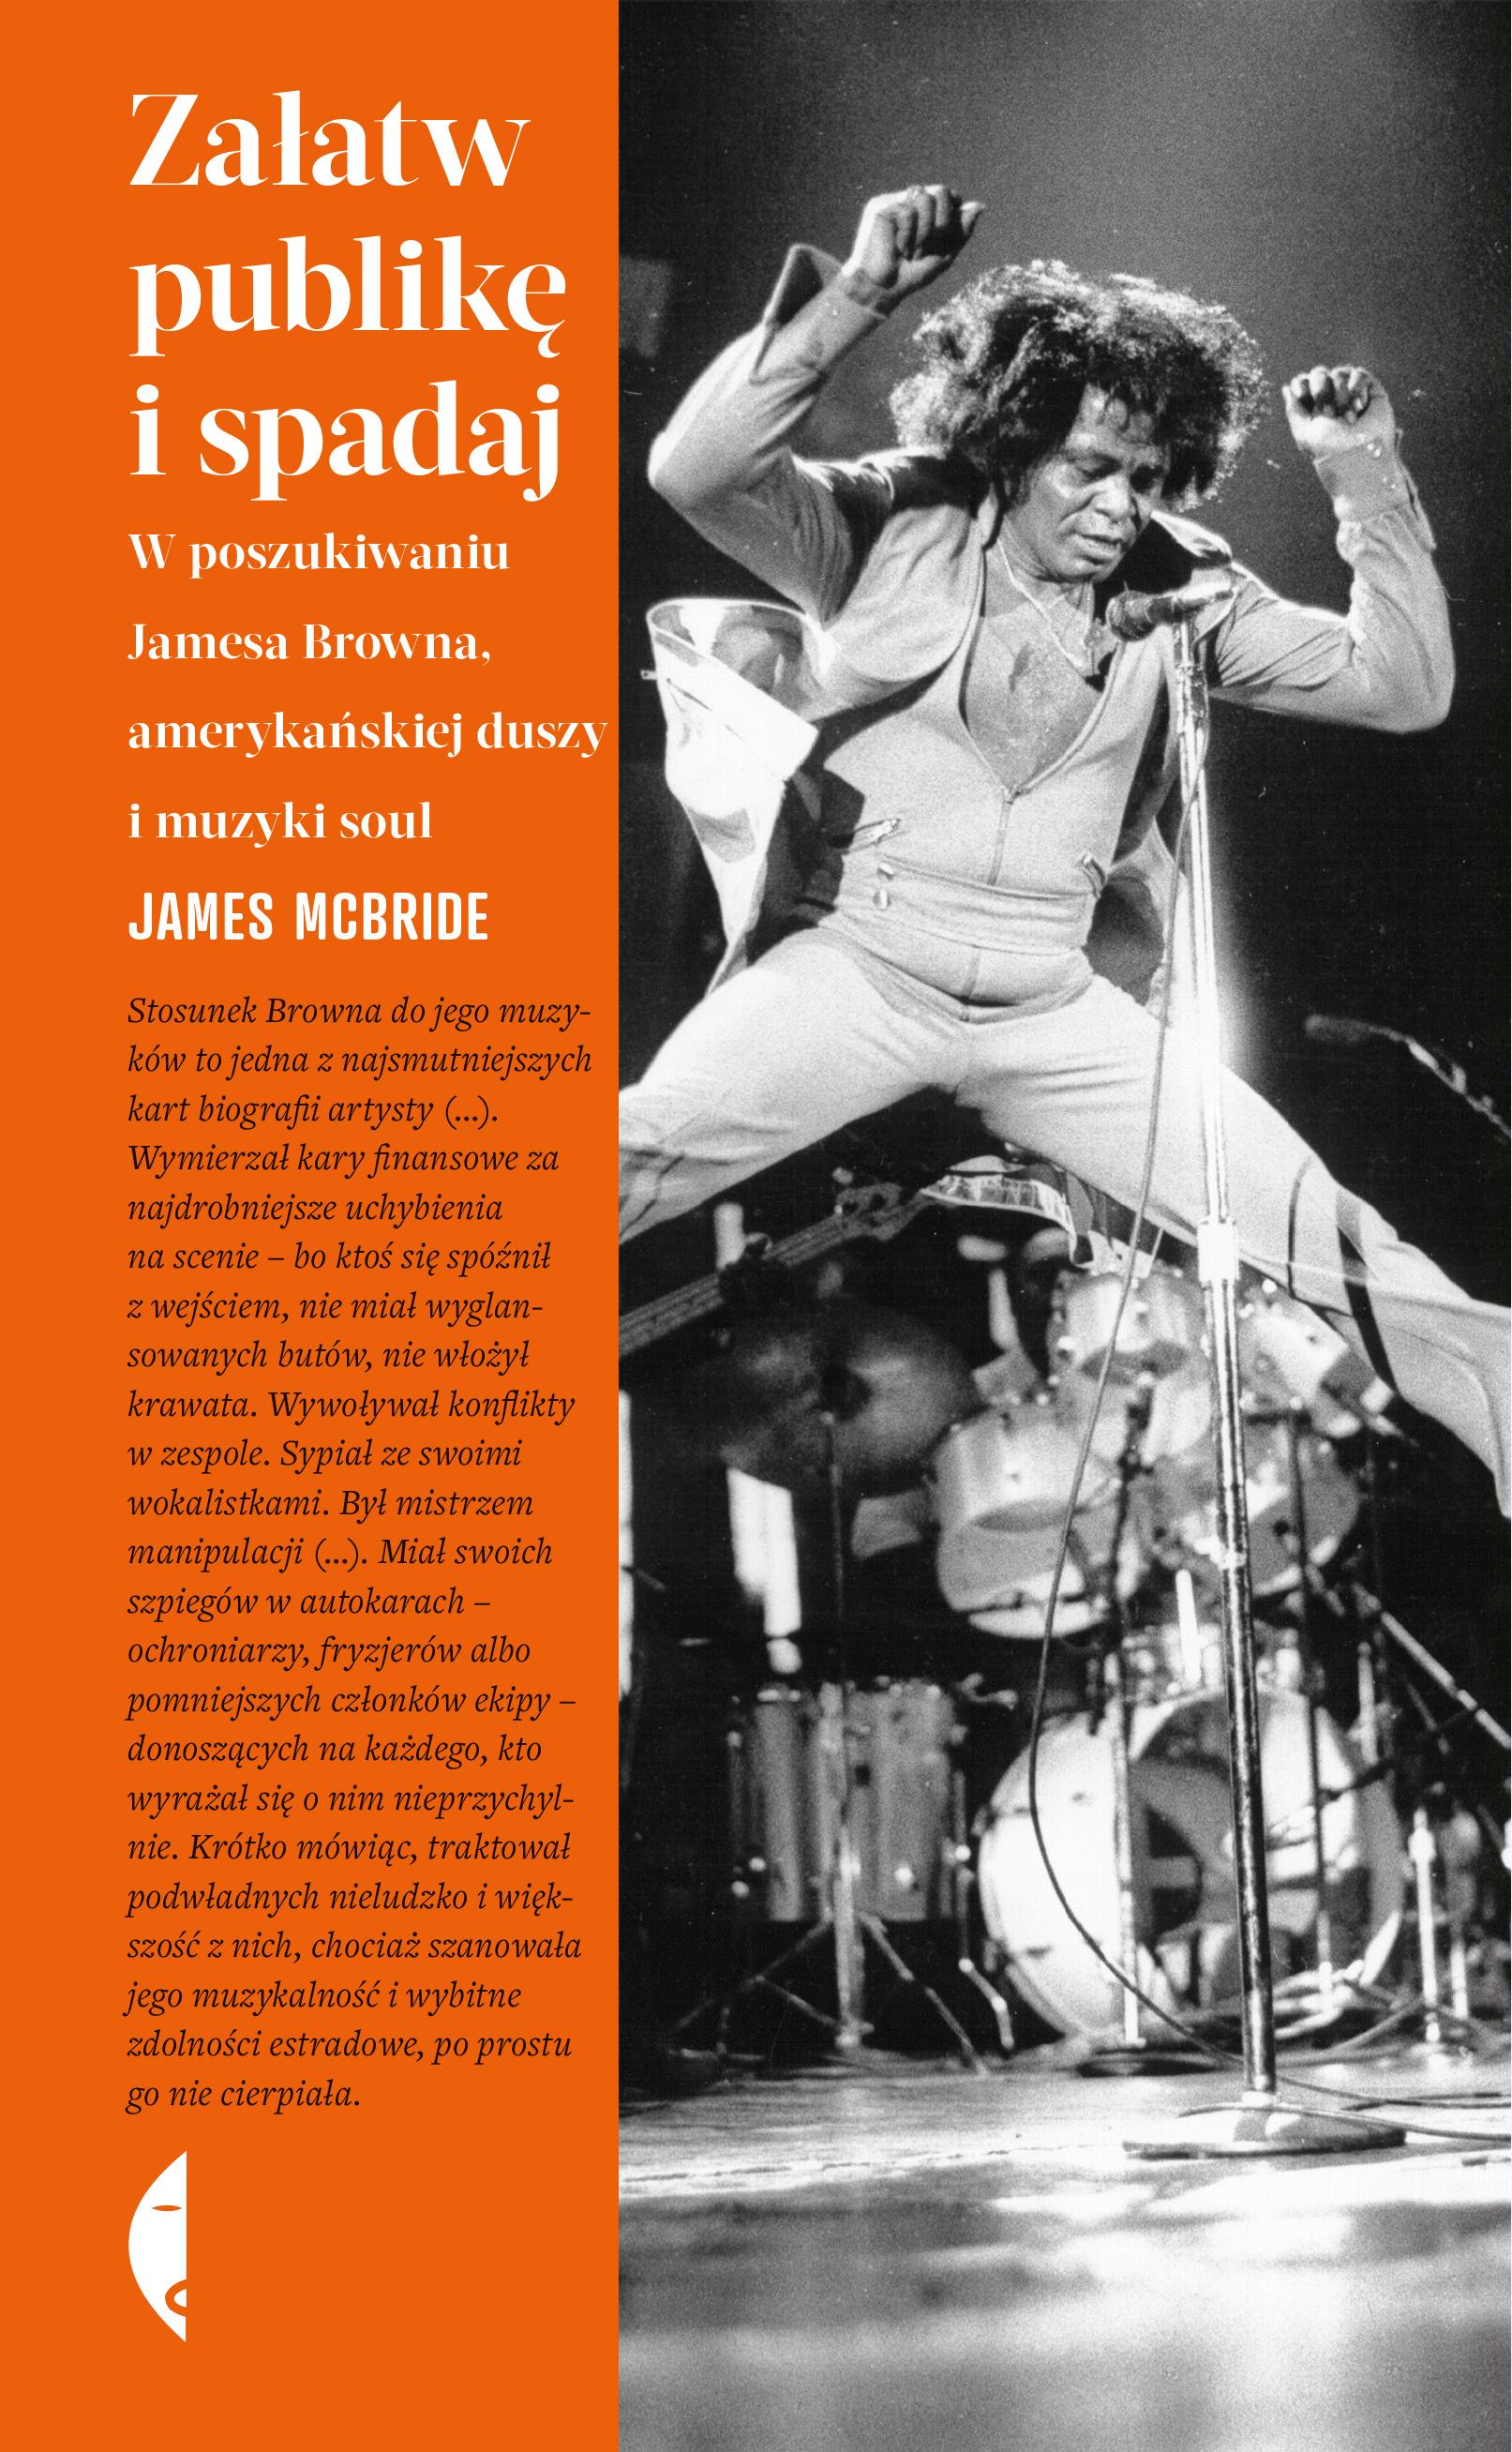 Załatw publikę i spadaj w poszukiwaniu jamesa browna amerykańskiej duszy i muzyki soul